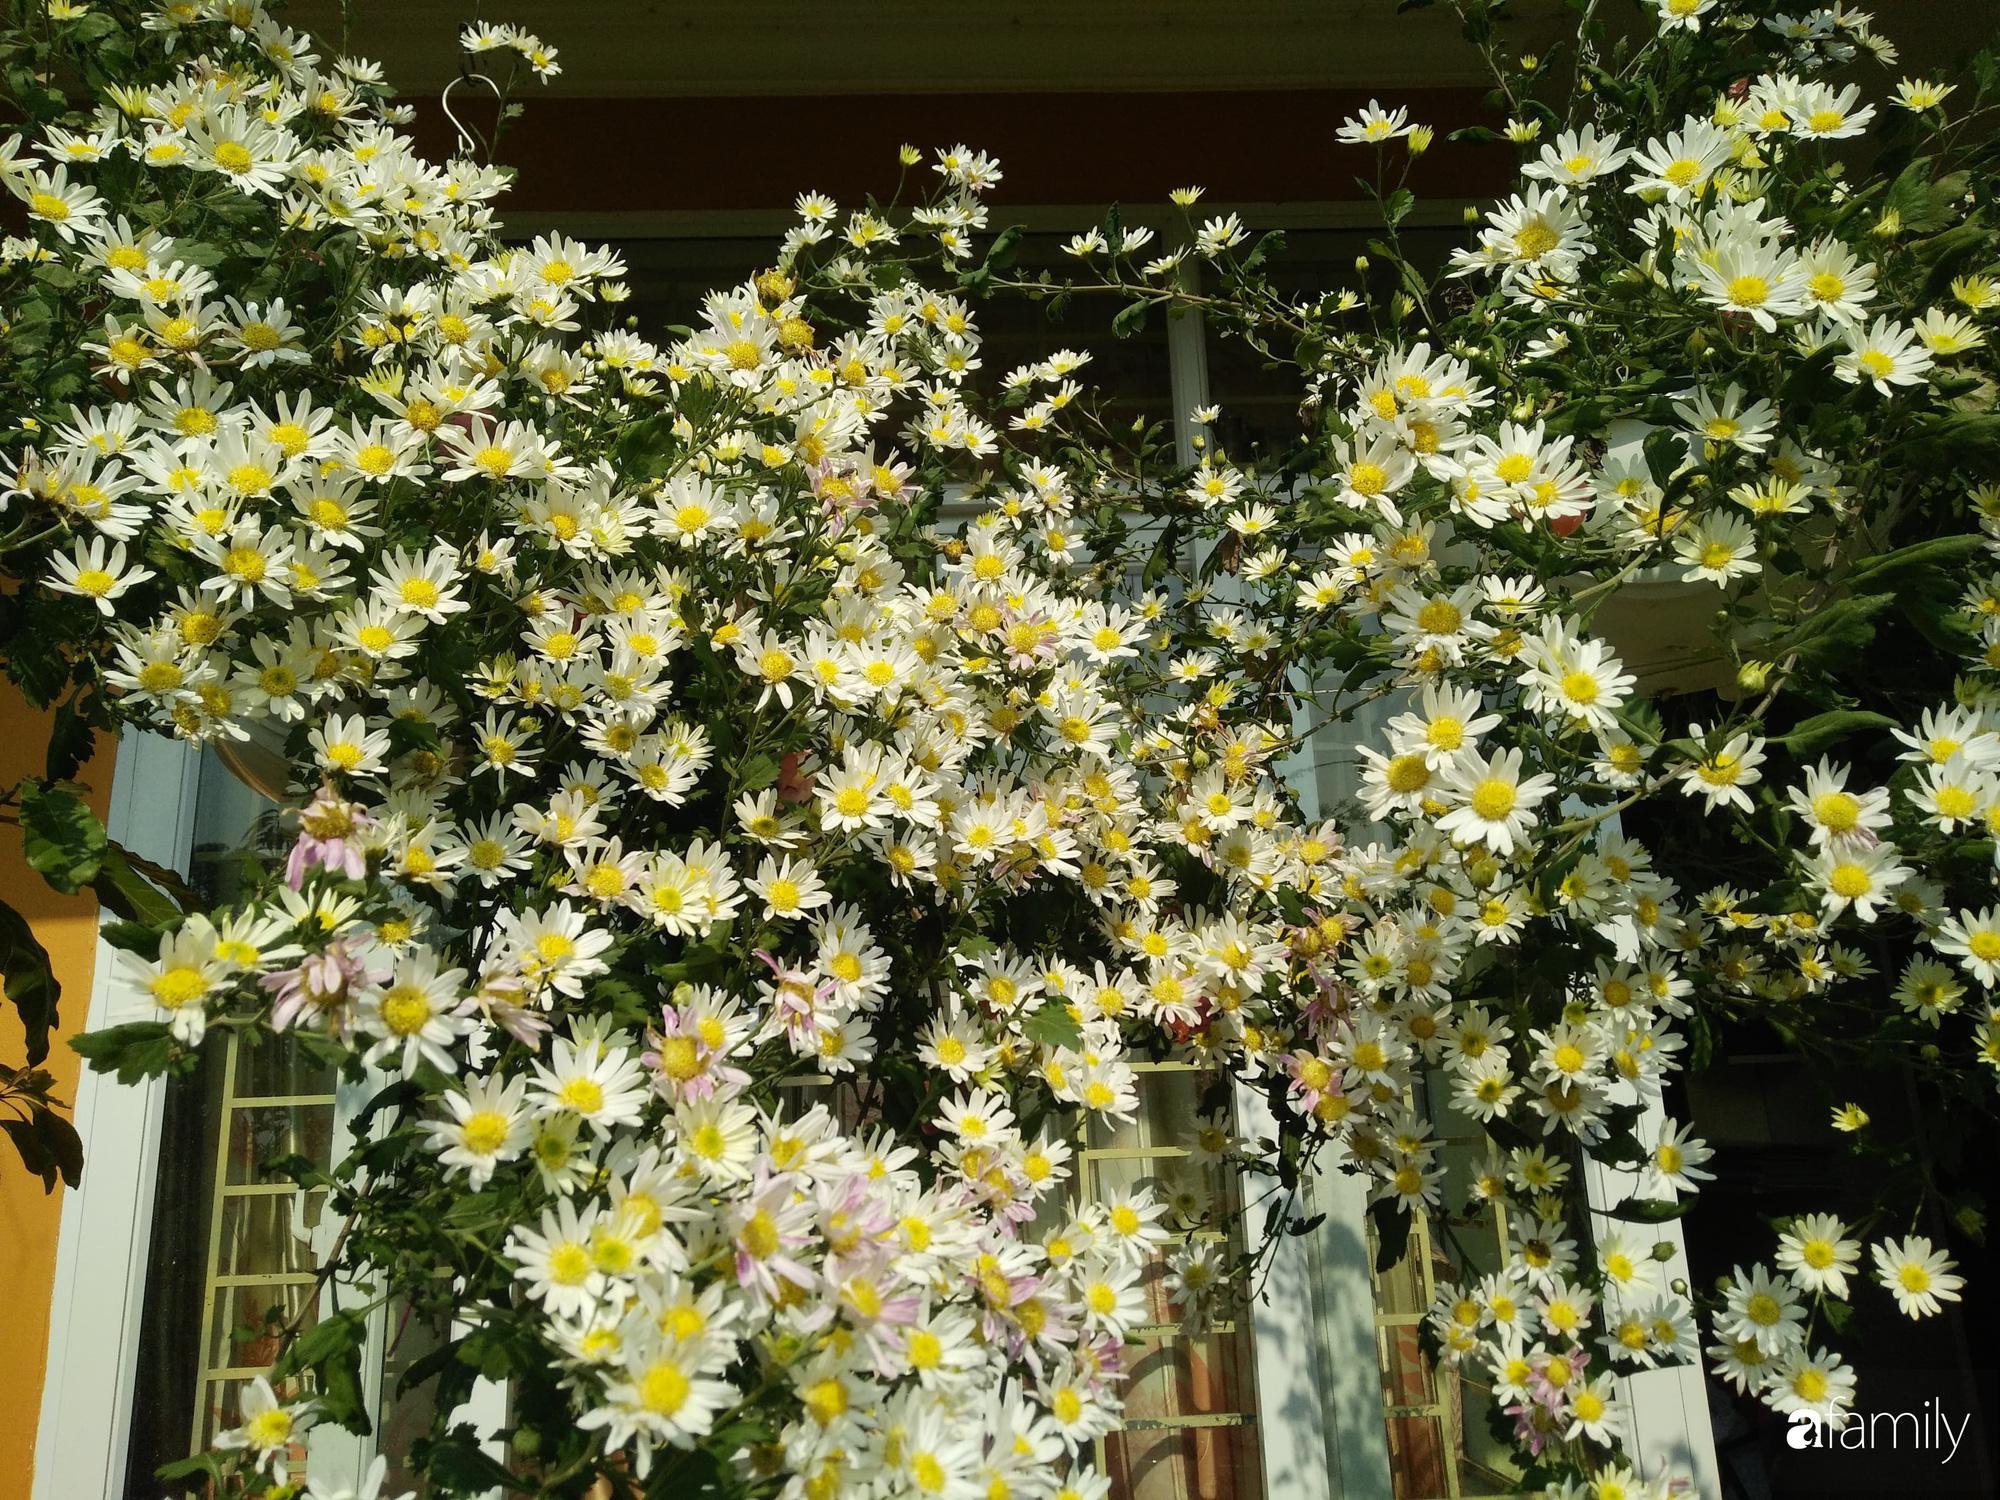 Ban công ngọt ngào gọi mùa xuân đến với những khóm cúc đua nhau khoe sắc ở Vĩnh Phúc - Ảnh 11.